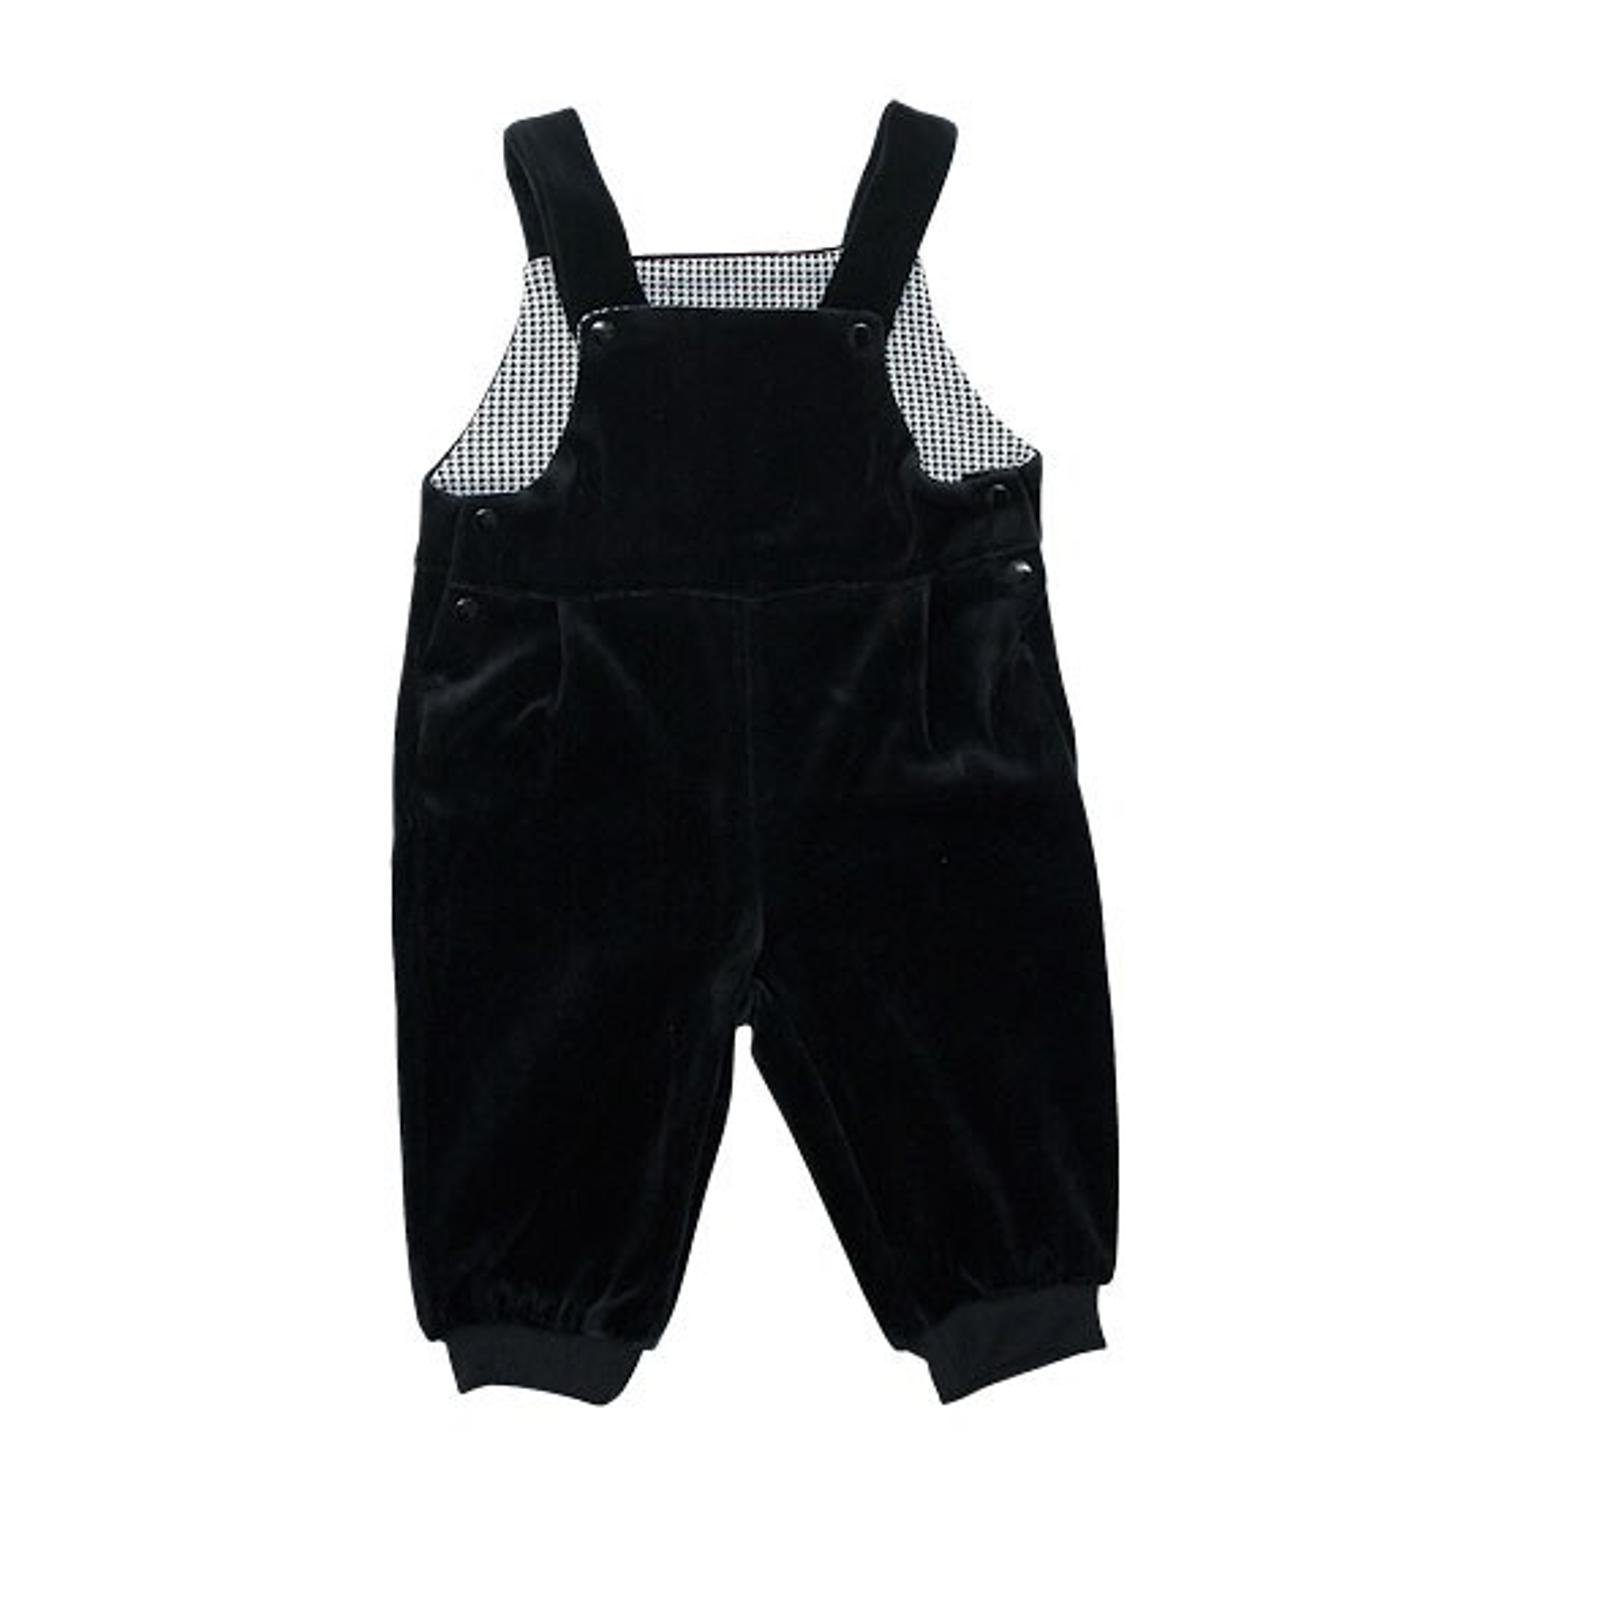 Полукомбинезон велюровый Soni Kids Cони Кидс Денди для мальчика, цвет черный размер 62